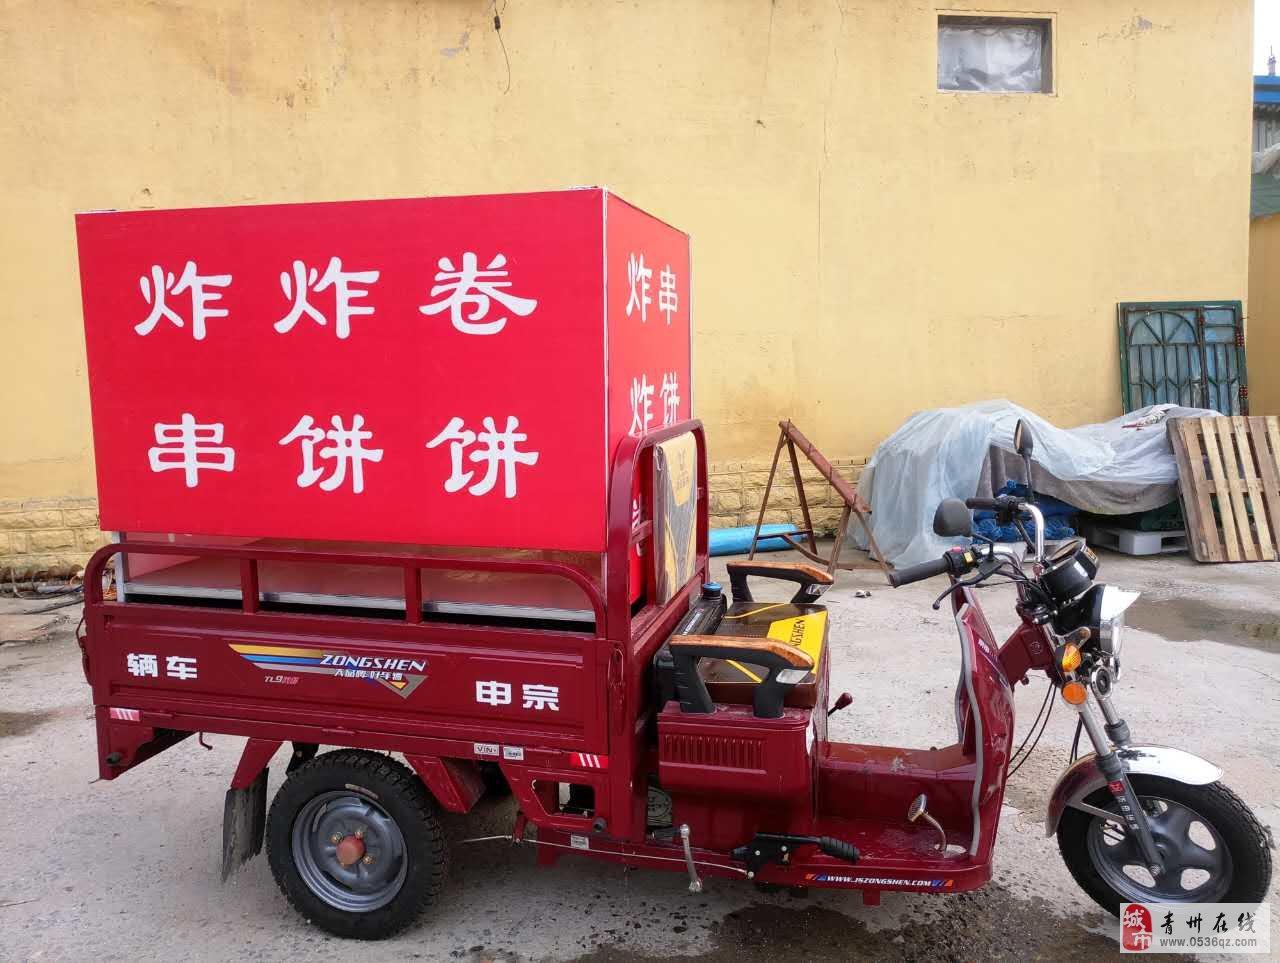 转让三轮摩托快餐车加设备全新的没用过